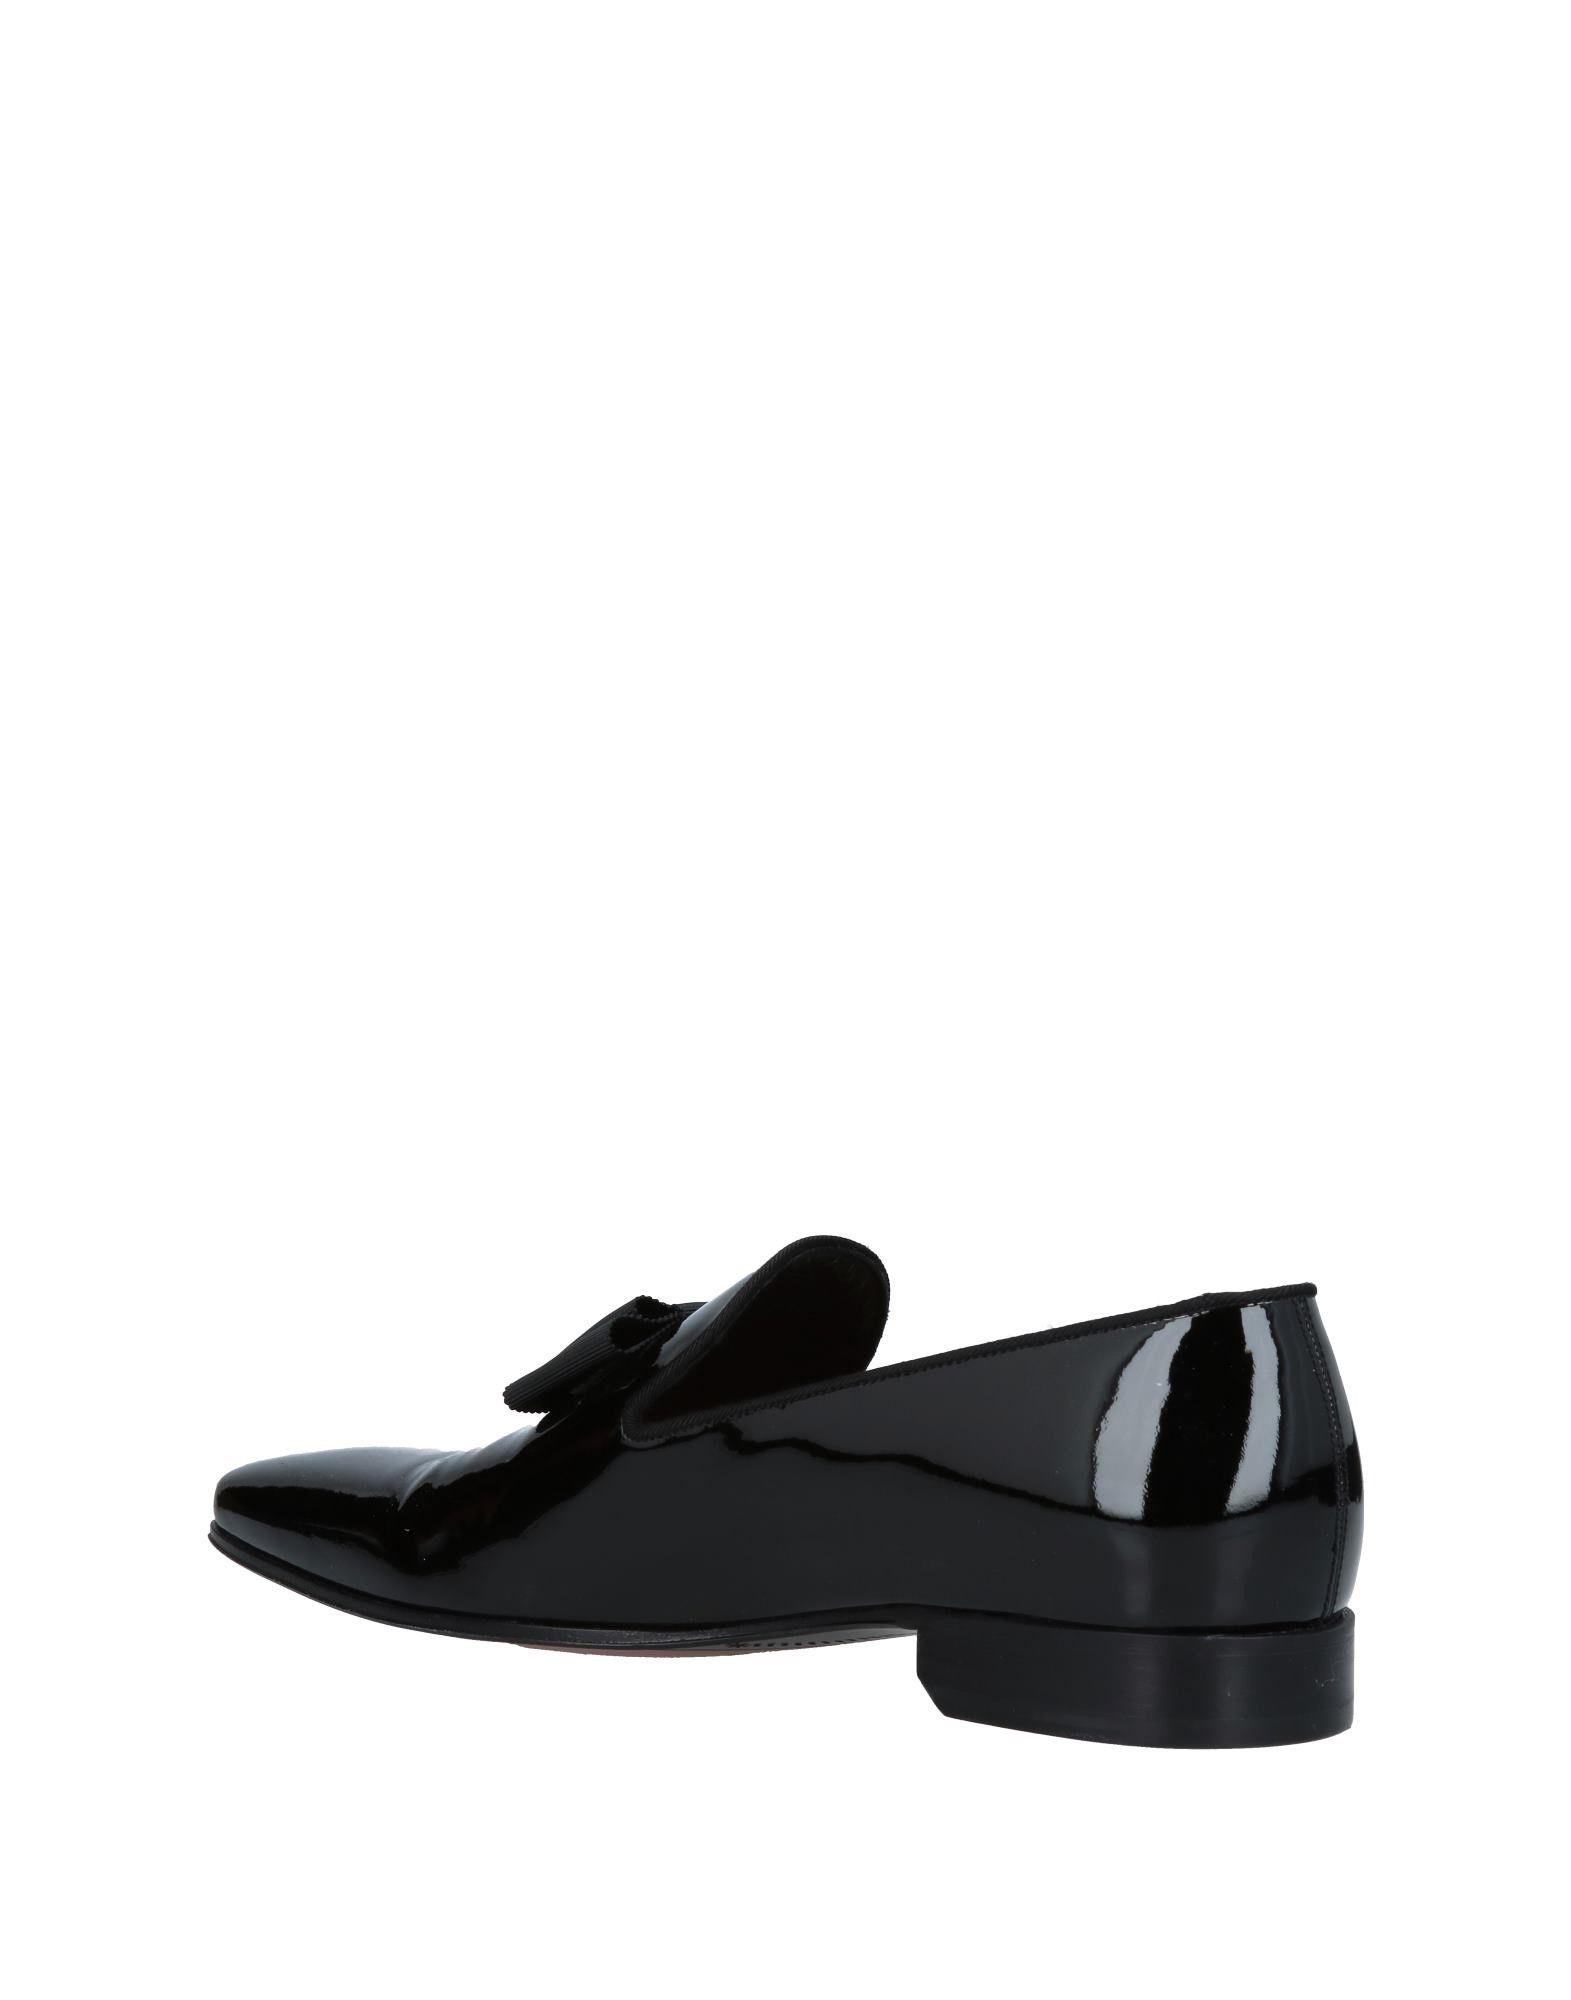 Dsquared2 Mokassins Herren  11409011QT Gute Qualität beliebte Schuhe